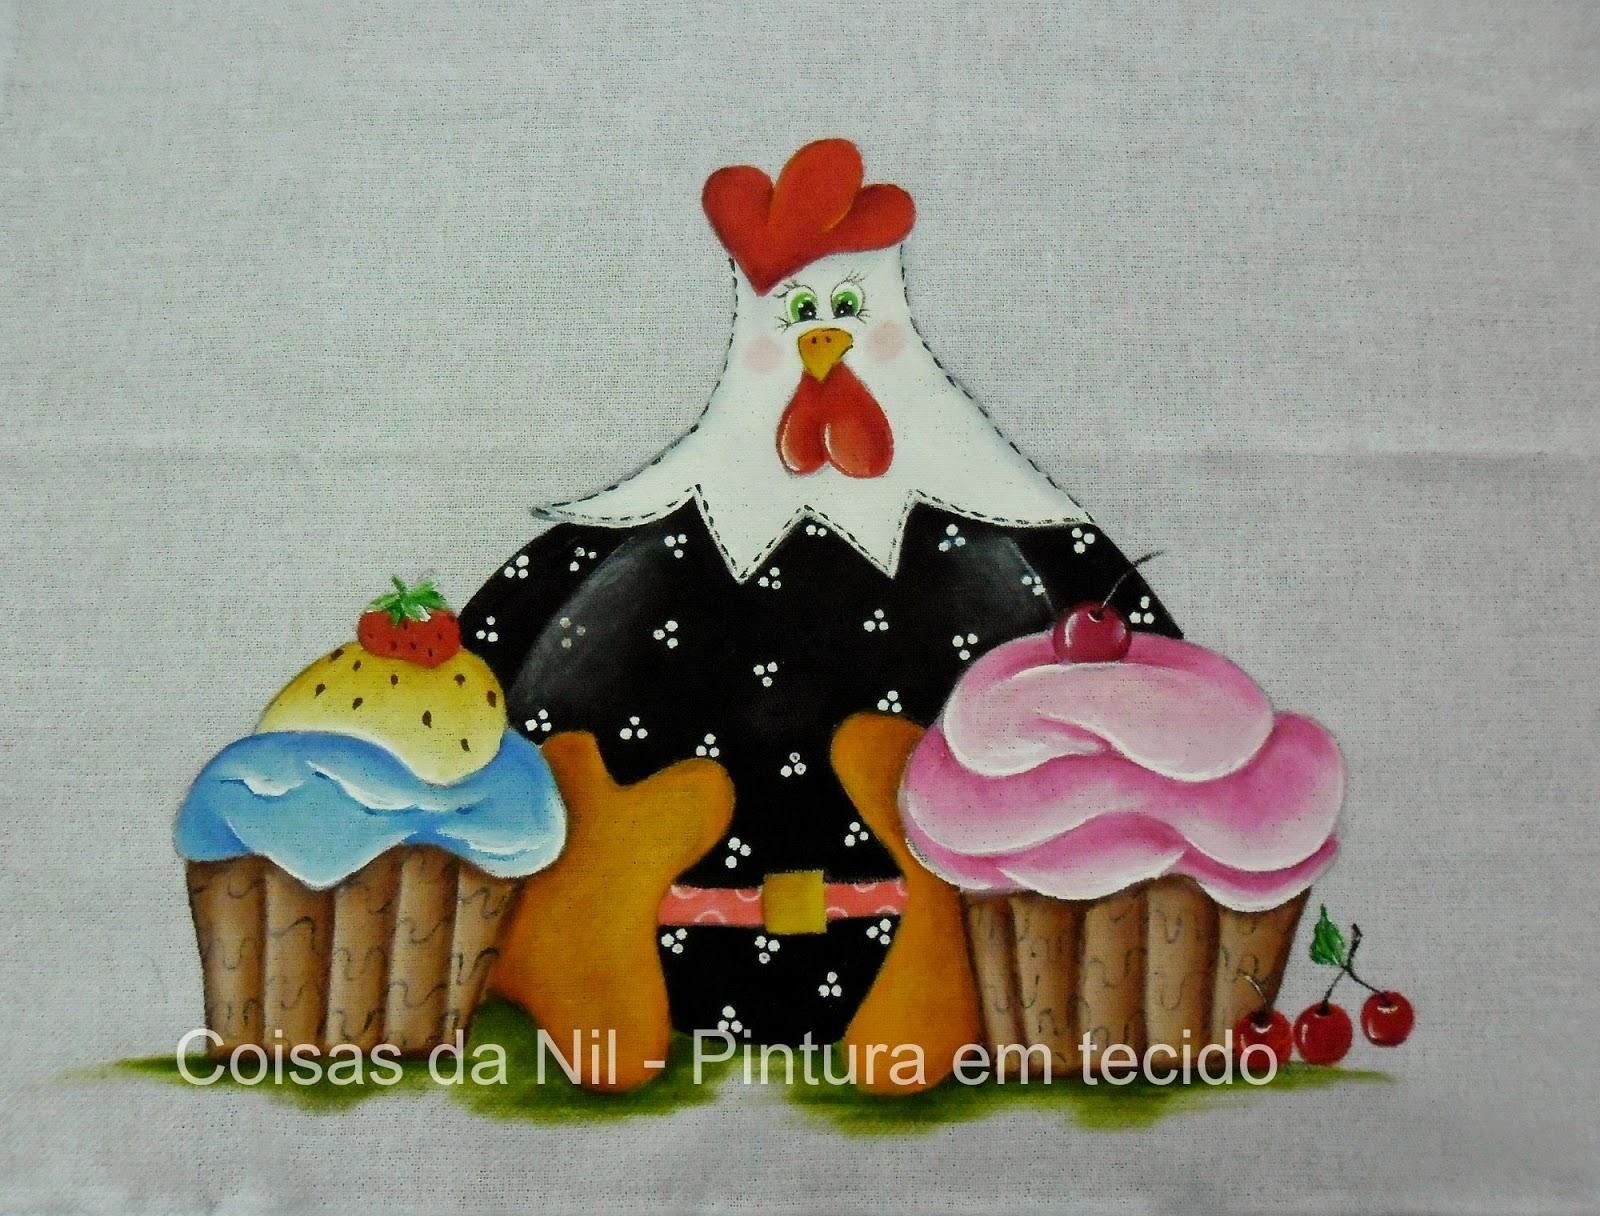 pintura em tecido de galinha dangola estilizada com cupcakes